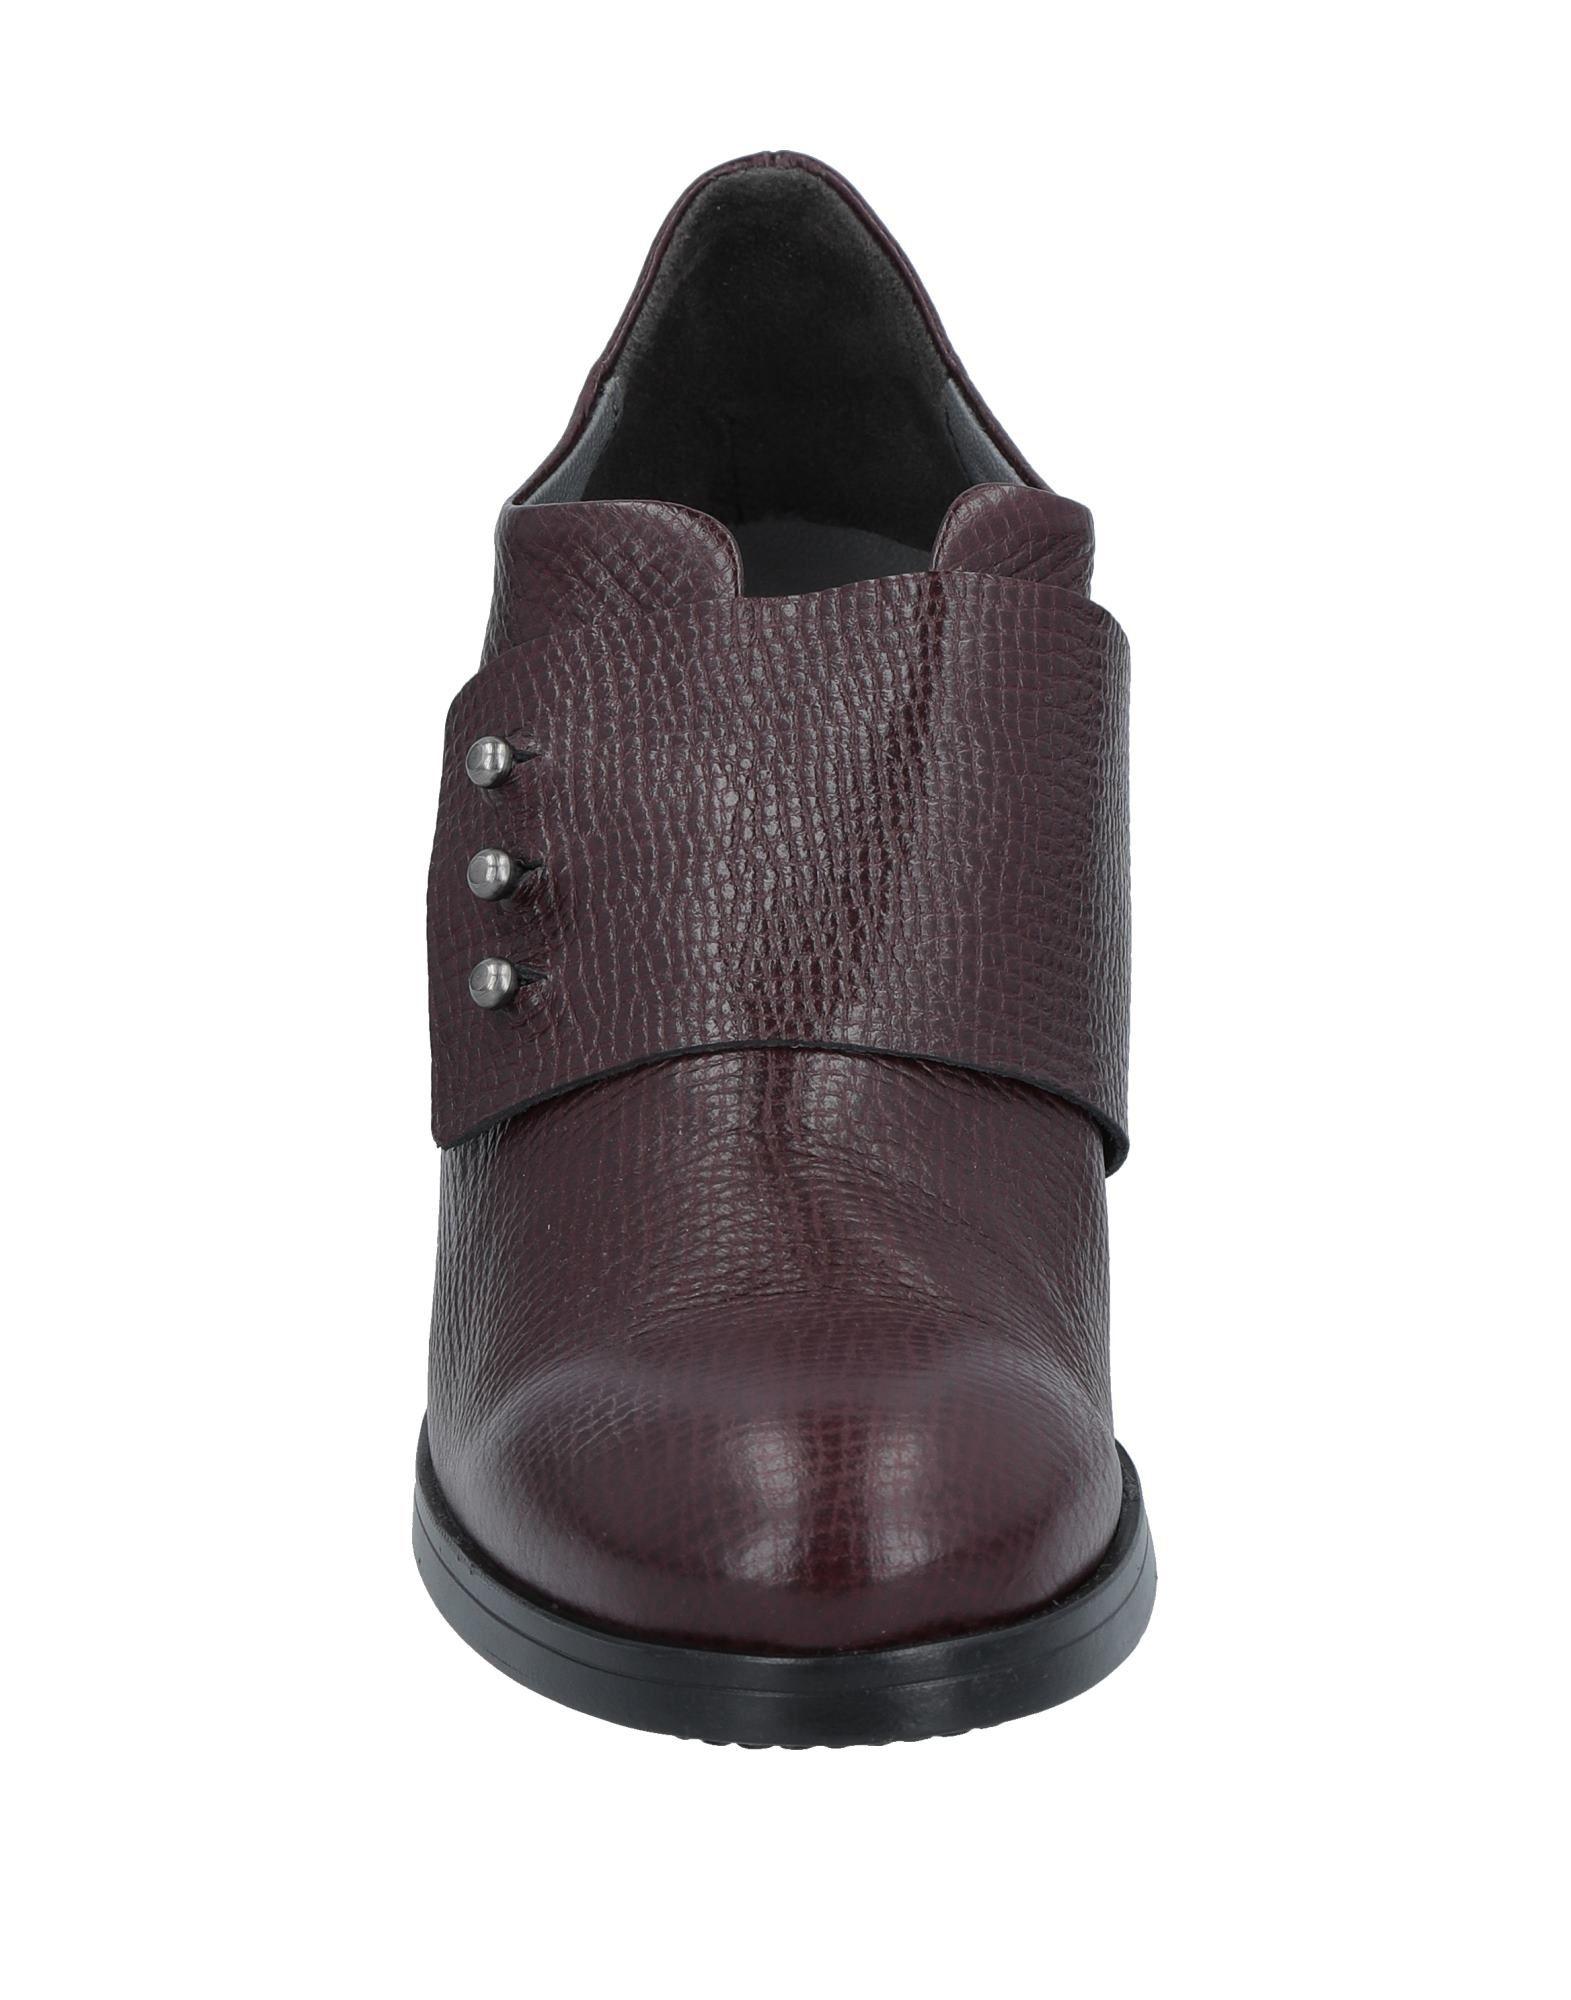 Lilimill Mokassins Damen  11524128RG Gute Qualität beliebte Schuhe